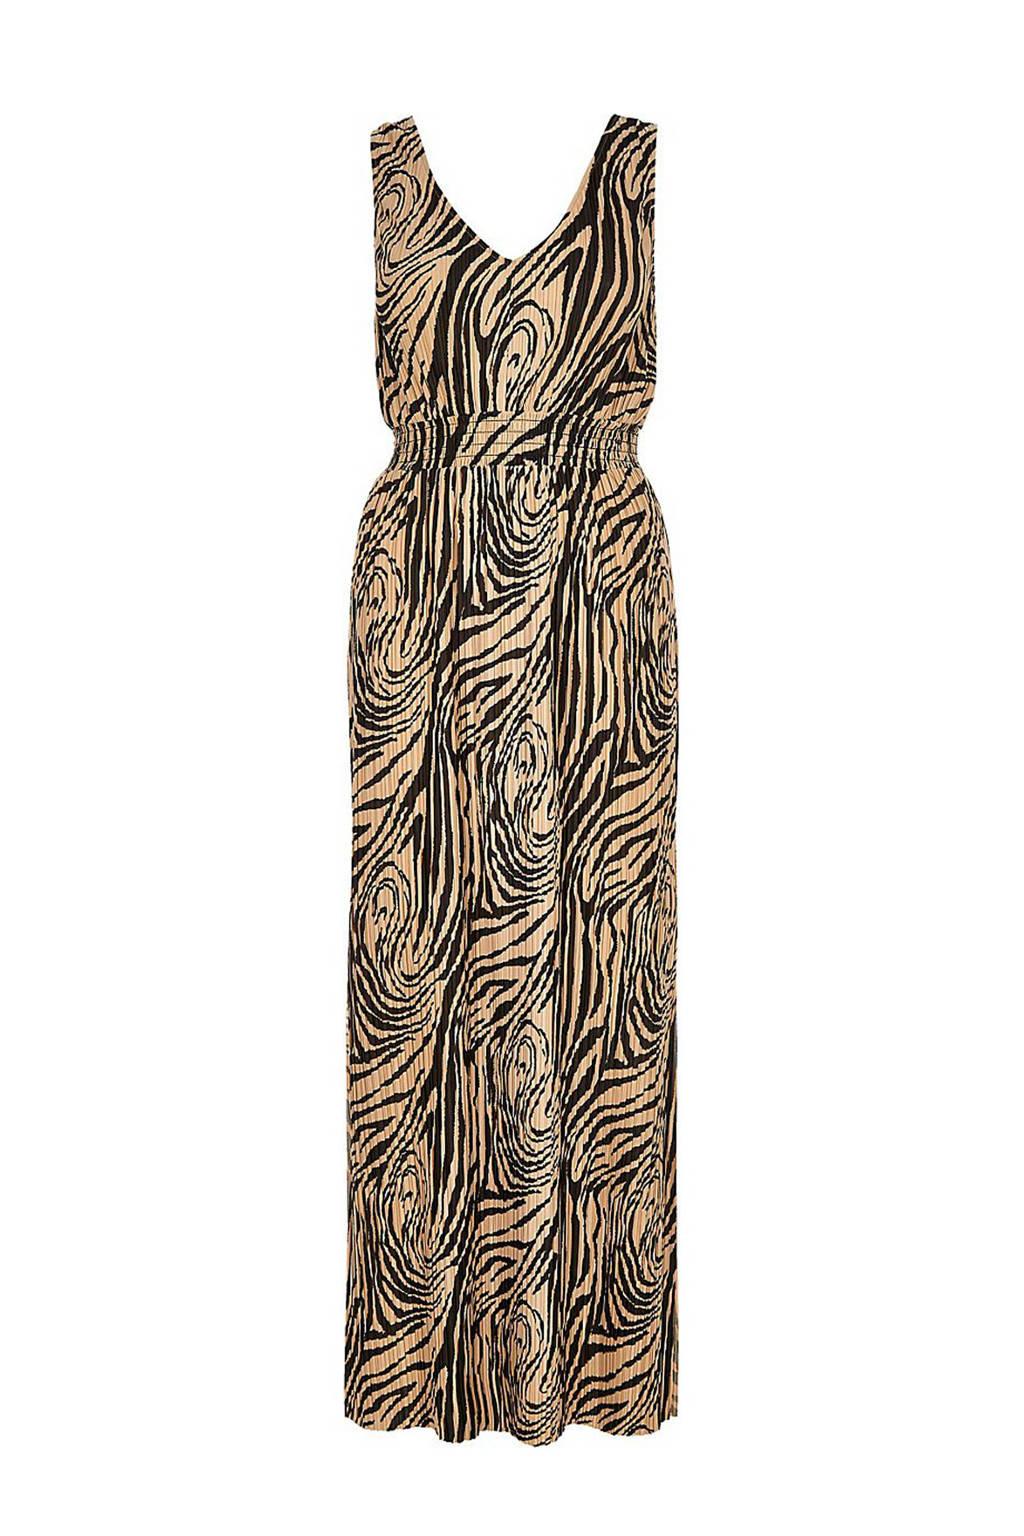 River Island jurk met all over print, Beige/zwart